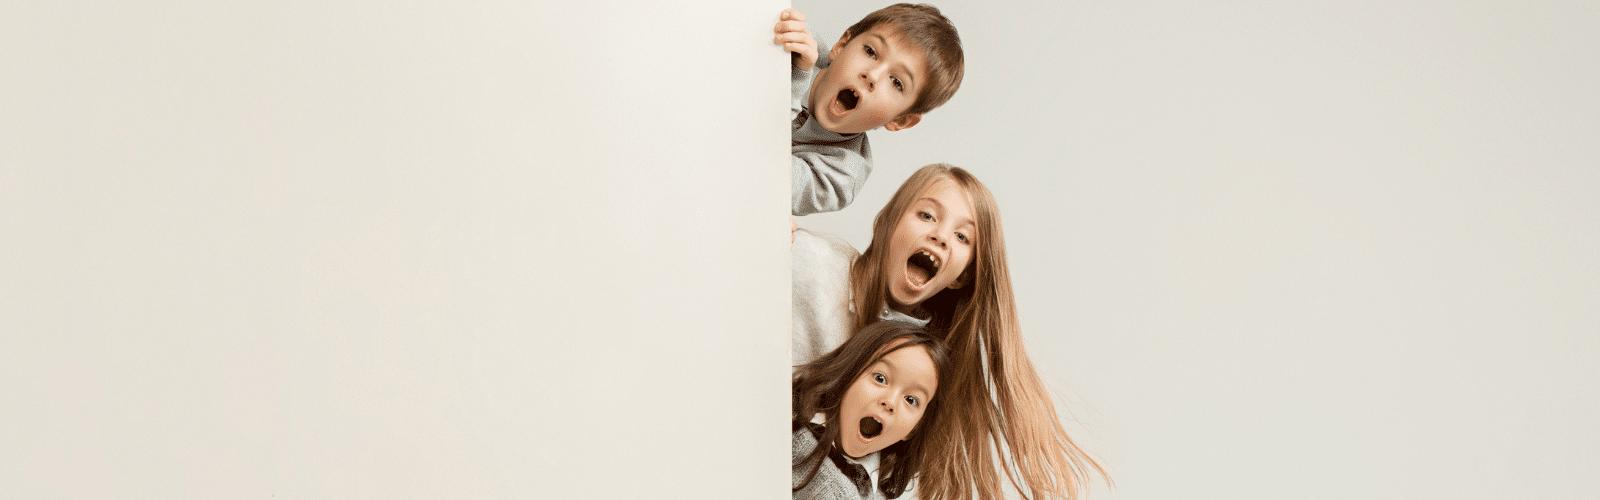 Babysitting : qu'est ce que la garde partagée ?